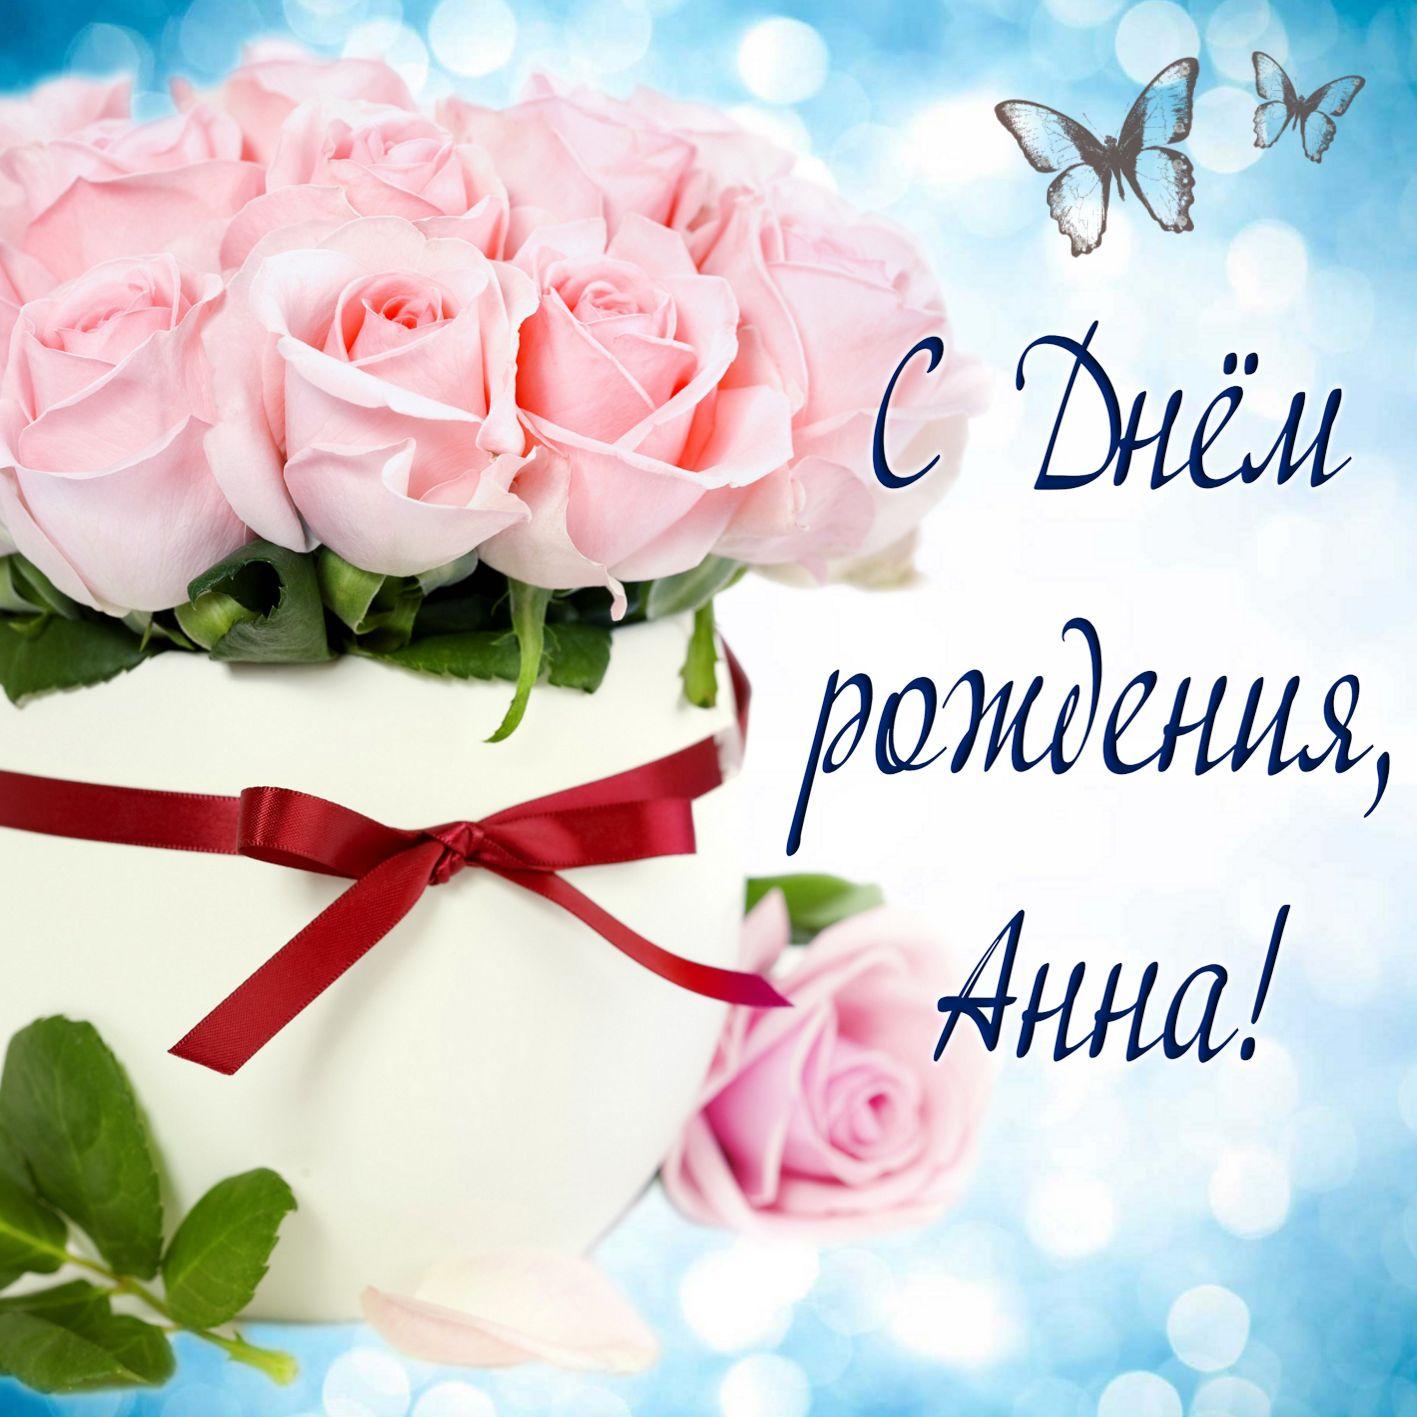 Поздравленья с днем рожденья анны